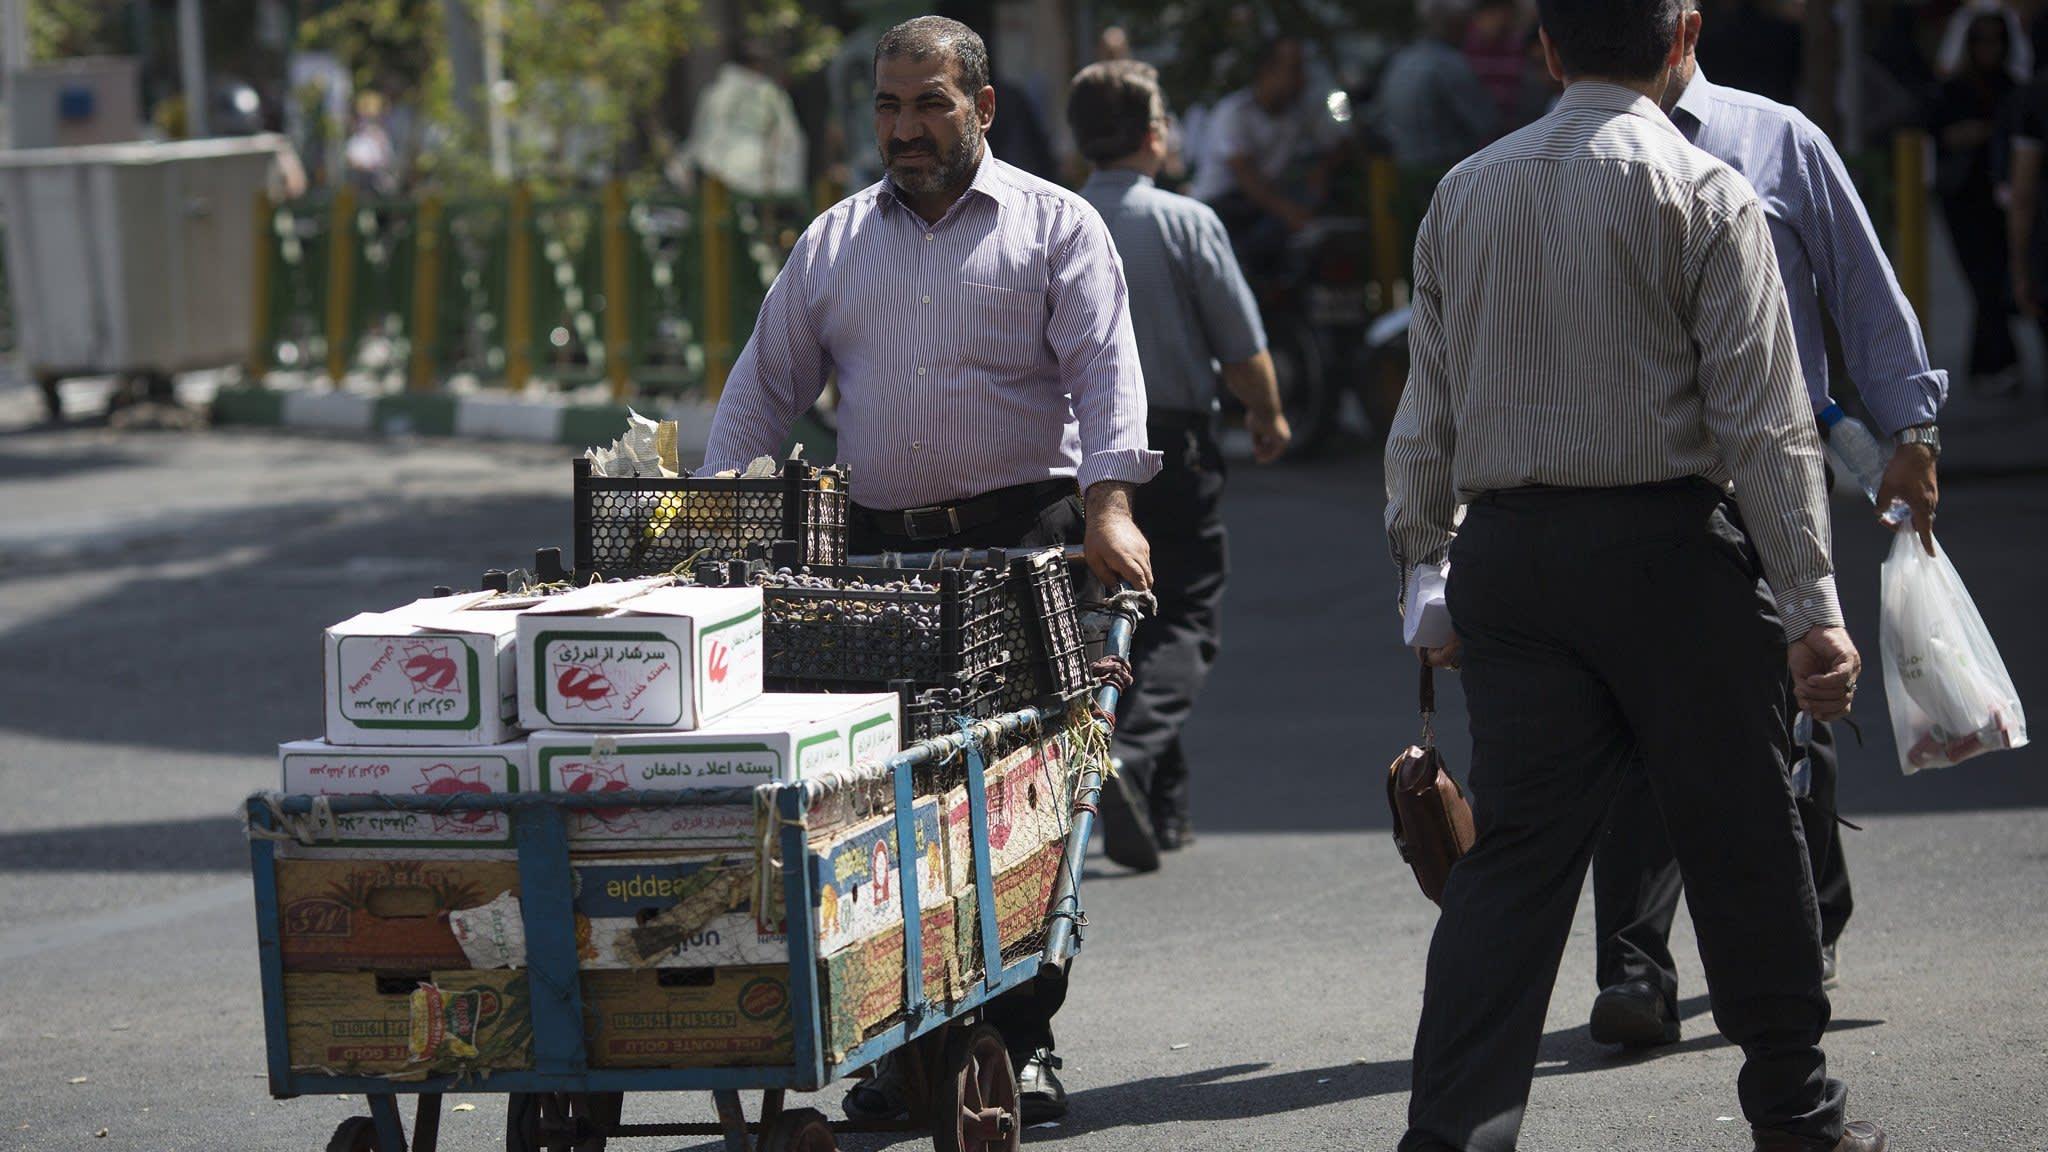 Iran's poor bear brunt of sanctions as food prices soar